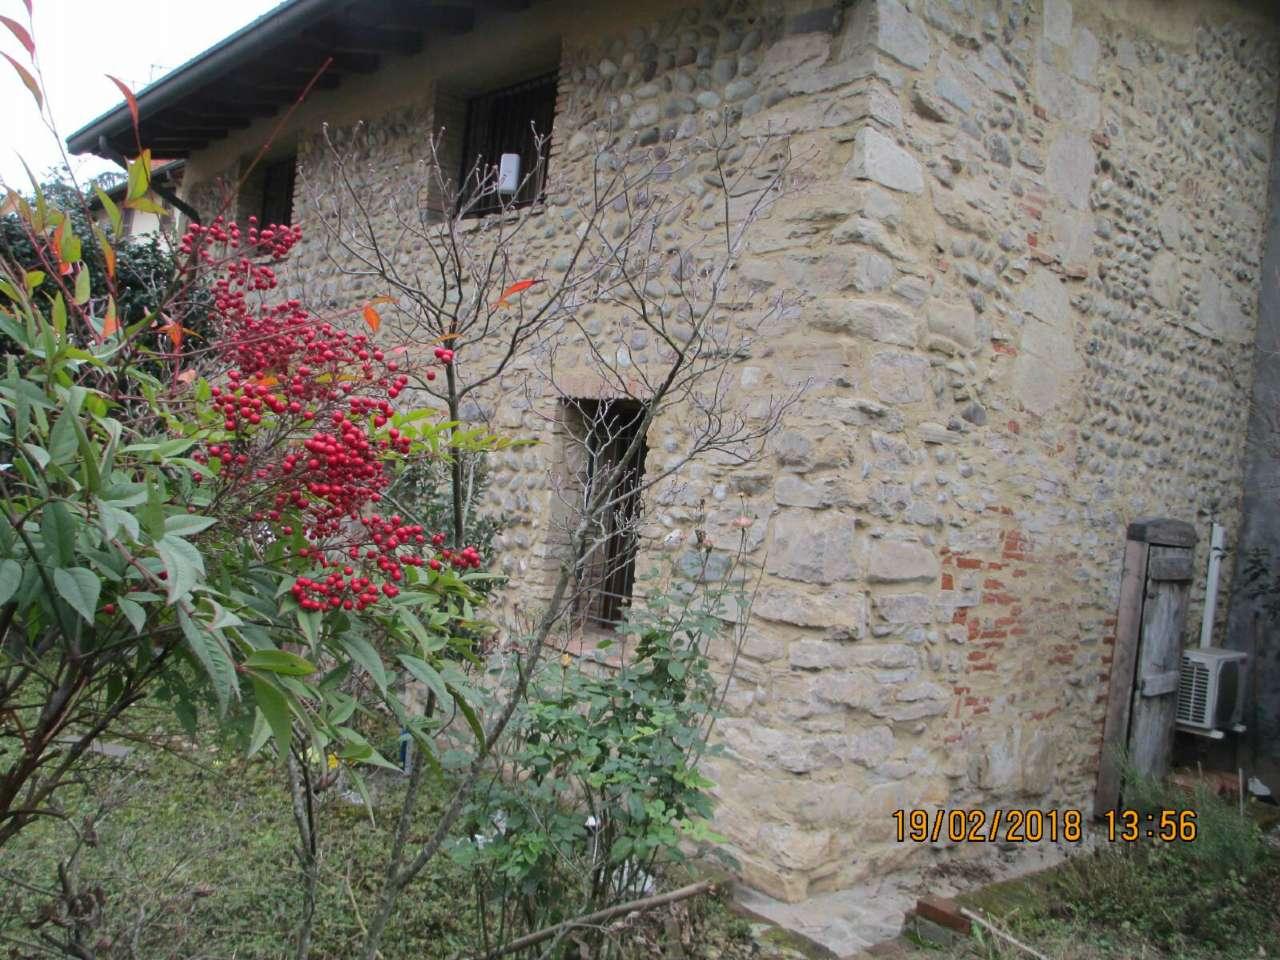 Bilocale con giardino a Brusaporto Rif. 167S18